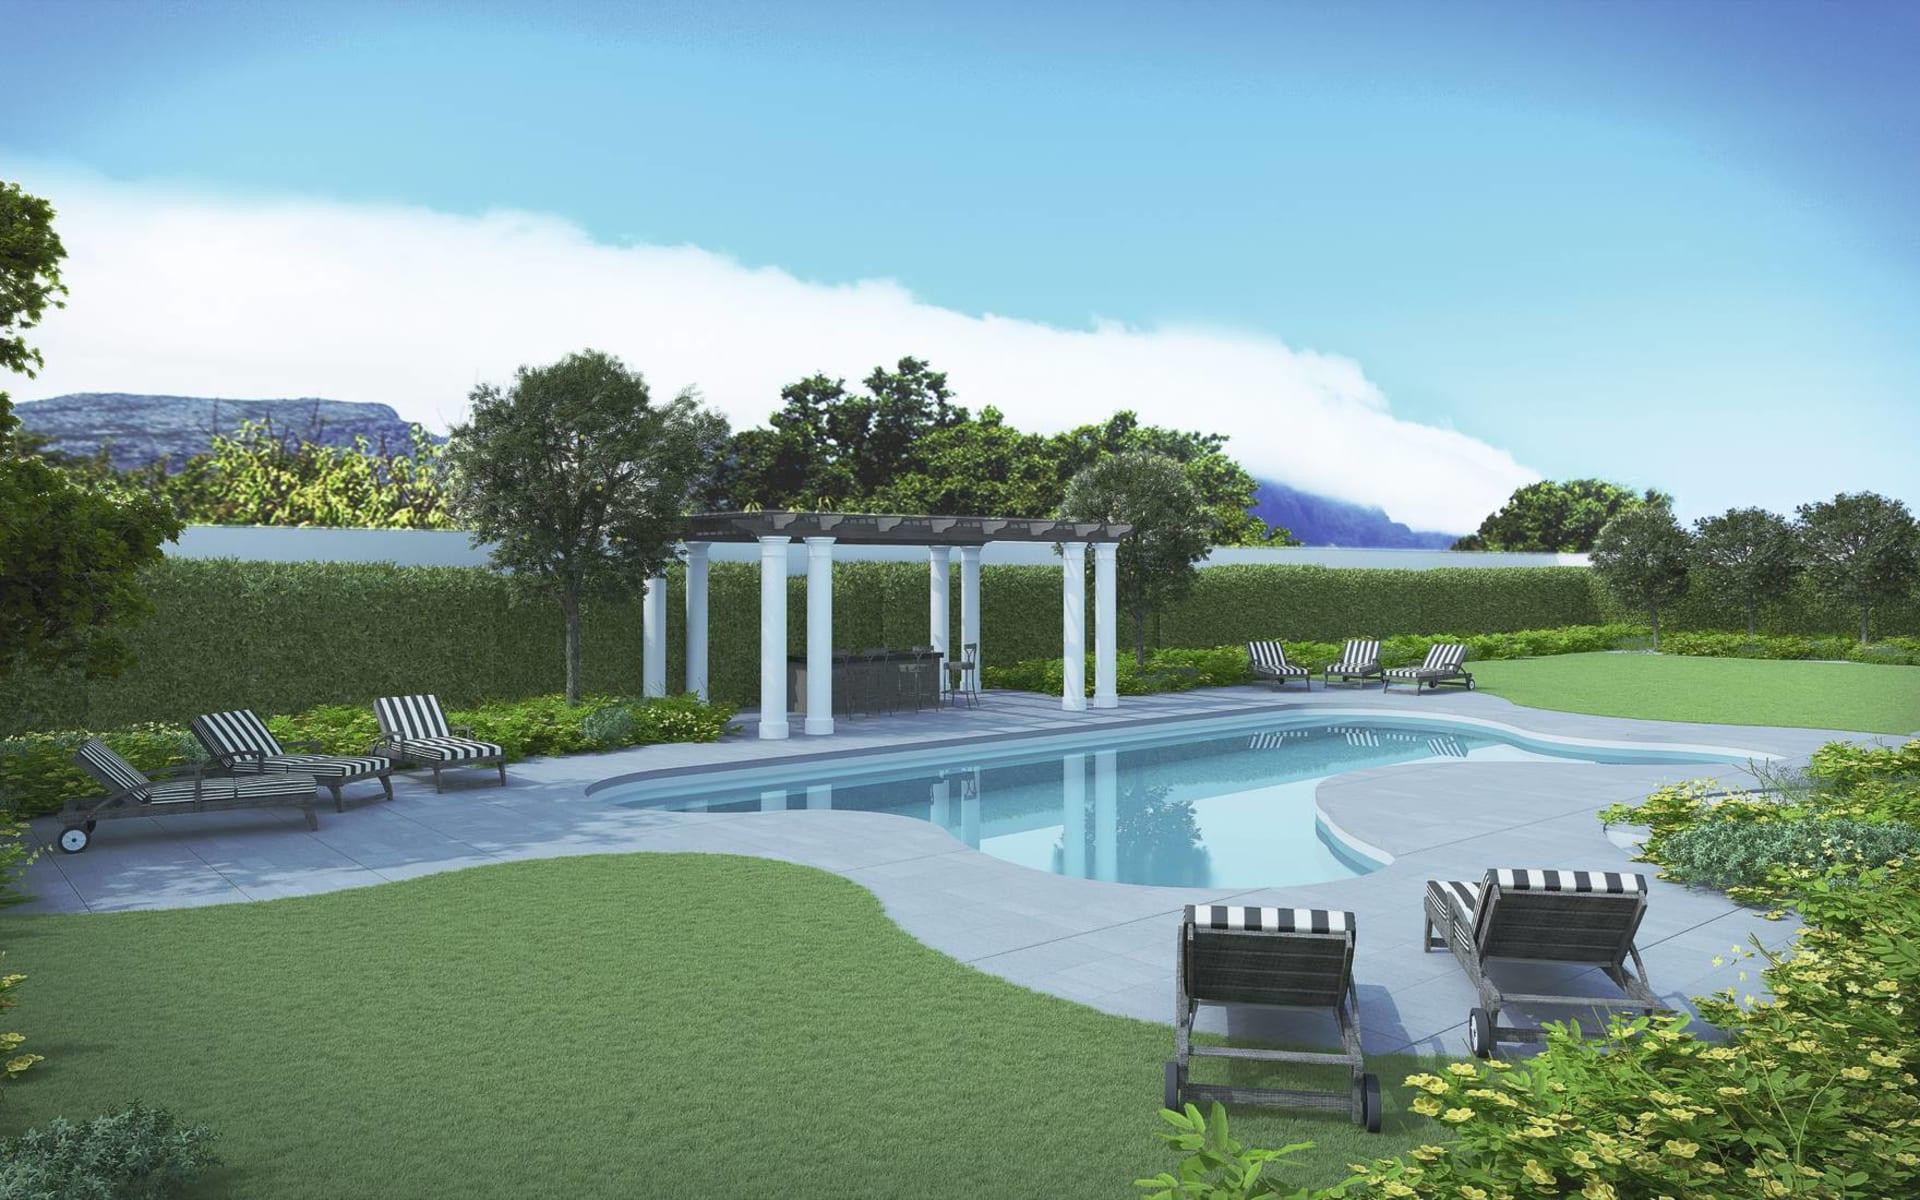 Leeu House in Franschhoek: pool Leeu Collection Poolbereich von Leeu House mit Garten